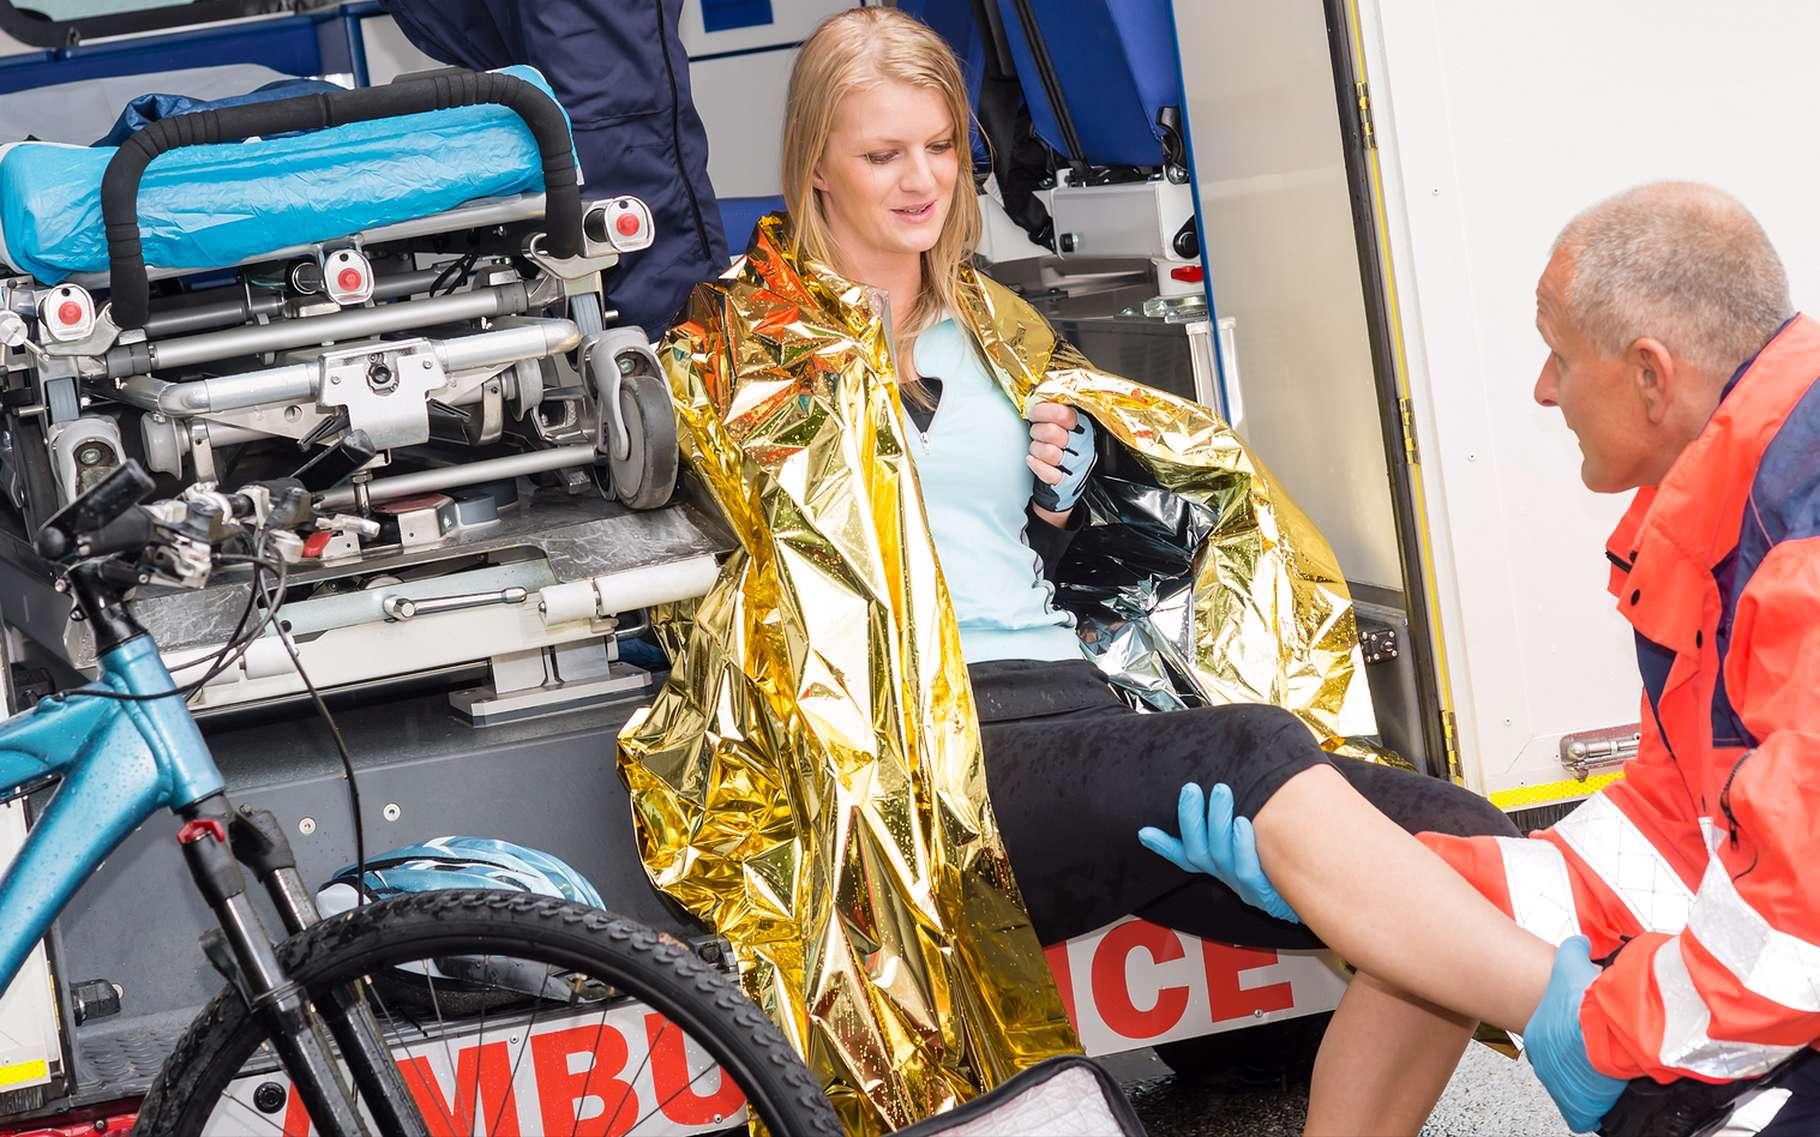 Les couvertures de survie aident à maintenir la température du corps aux alentours de 37 °C. © CandyBox Images, Shutterstock